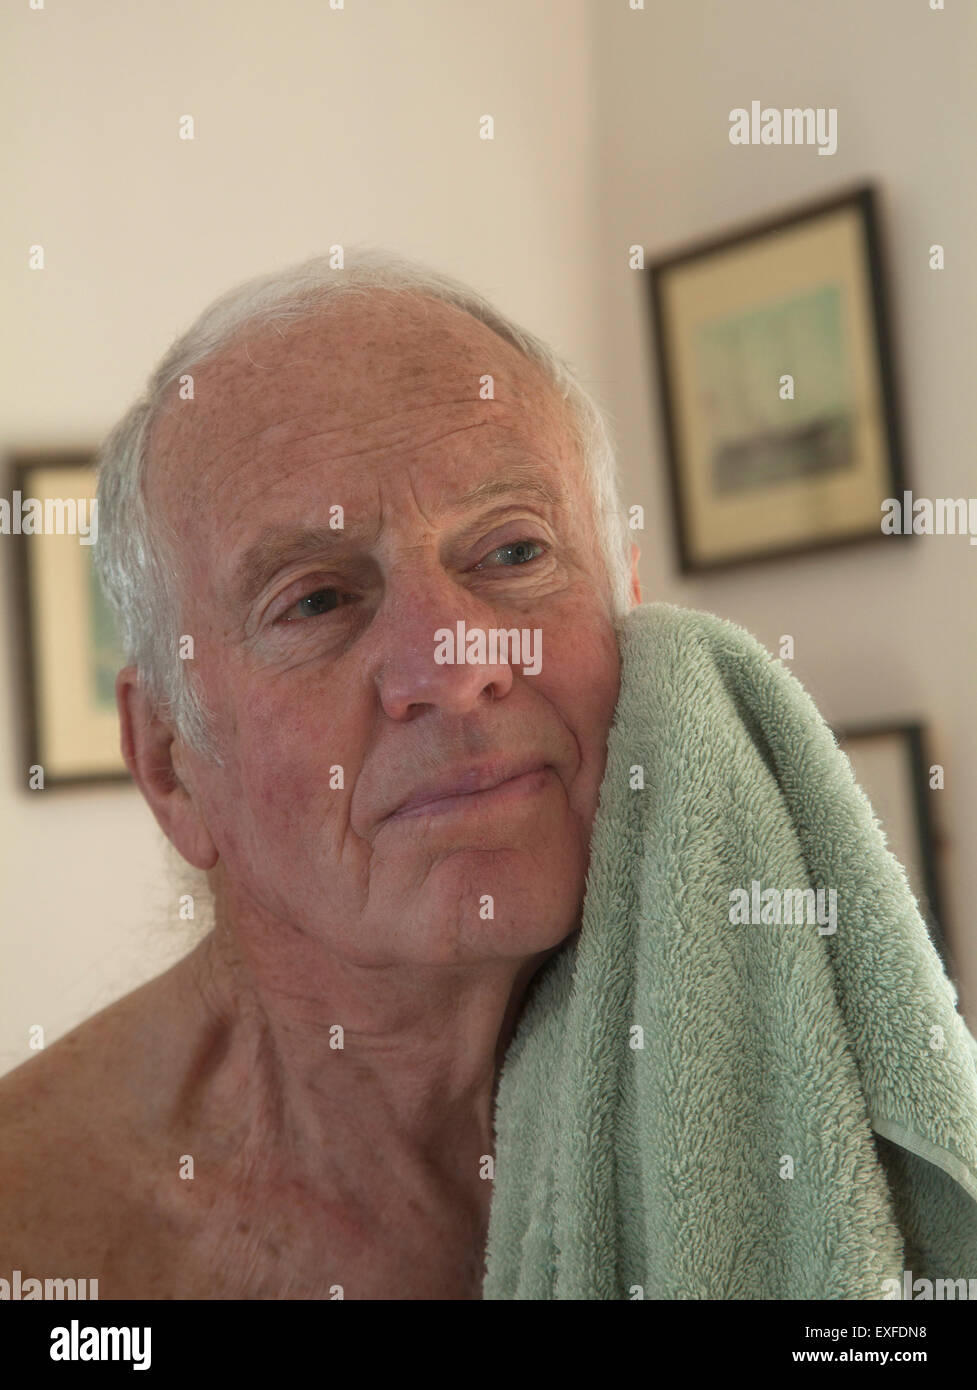 Man face avec serviette de séchage Photo Stock